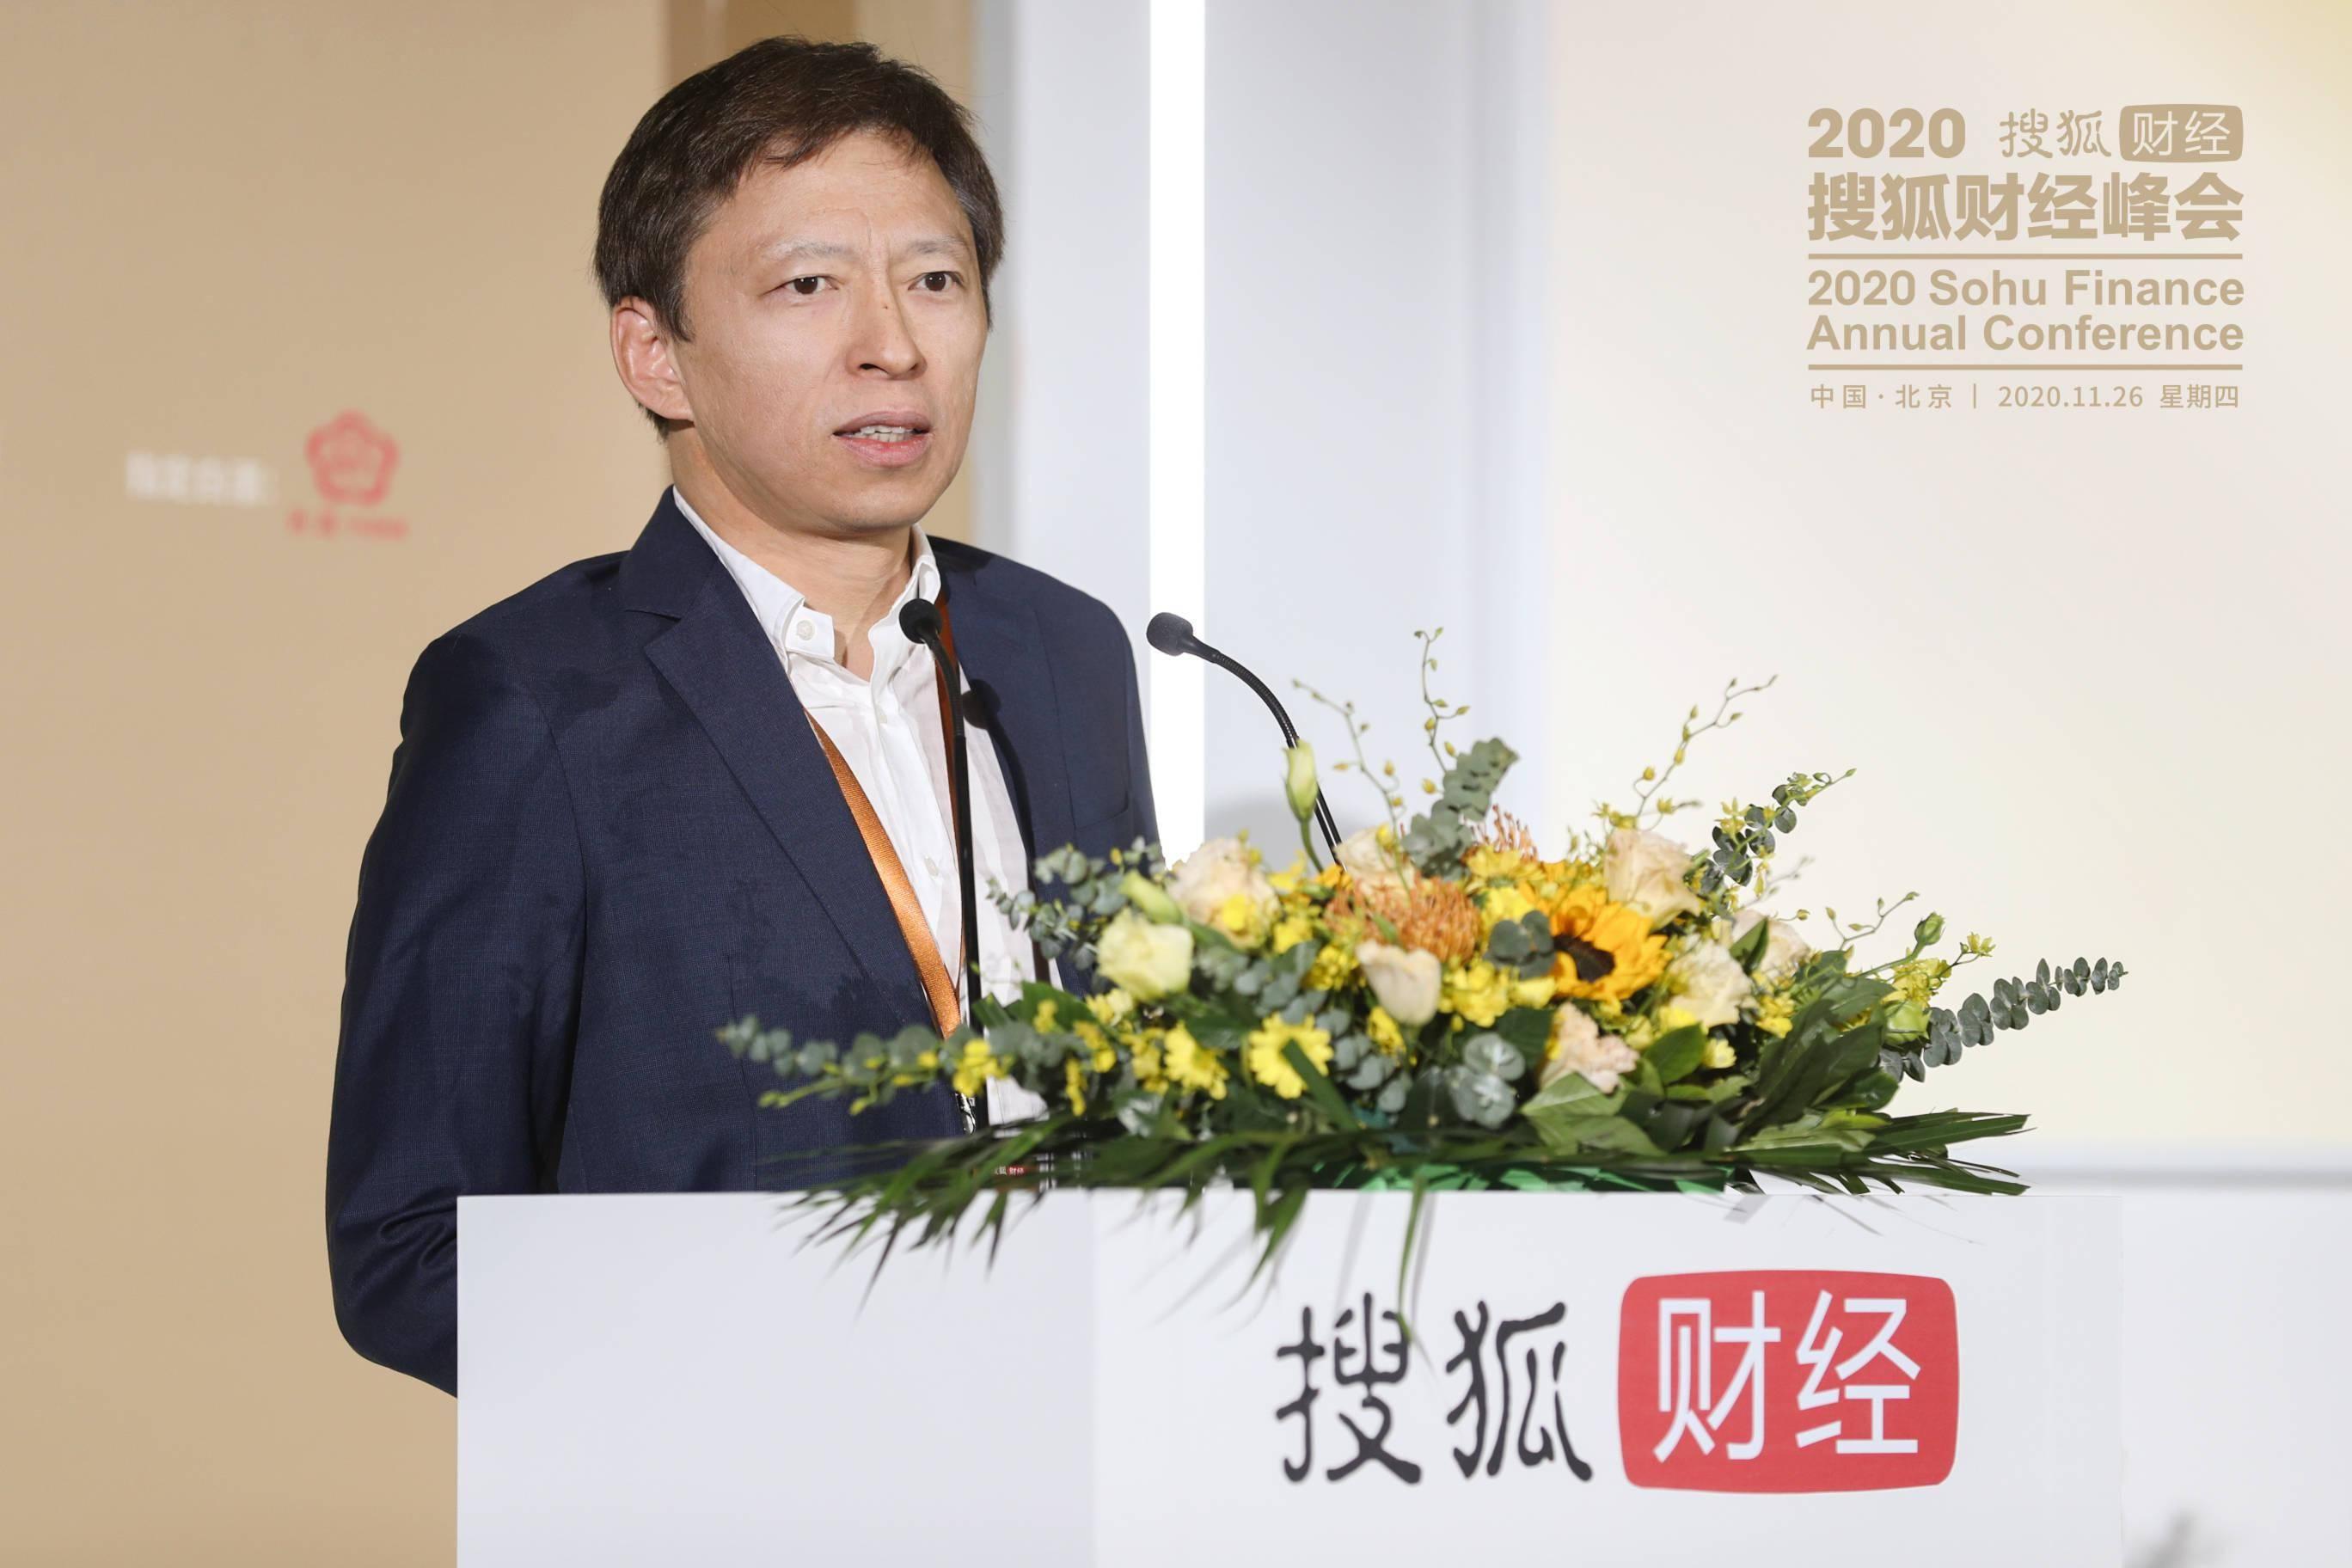 _搜狐张朝阳:直播带货是在私域流量、自媒体社交分发时代的营销形式